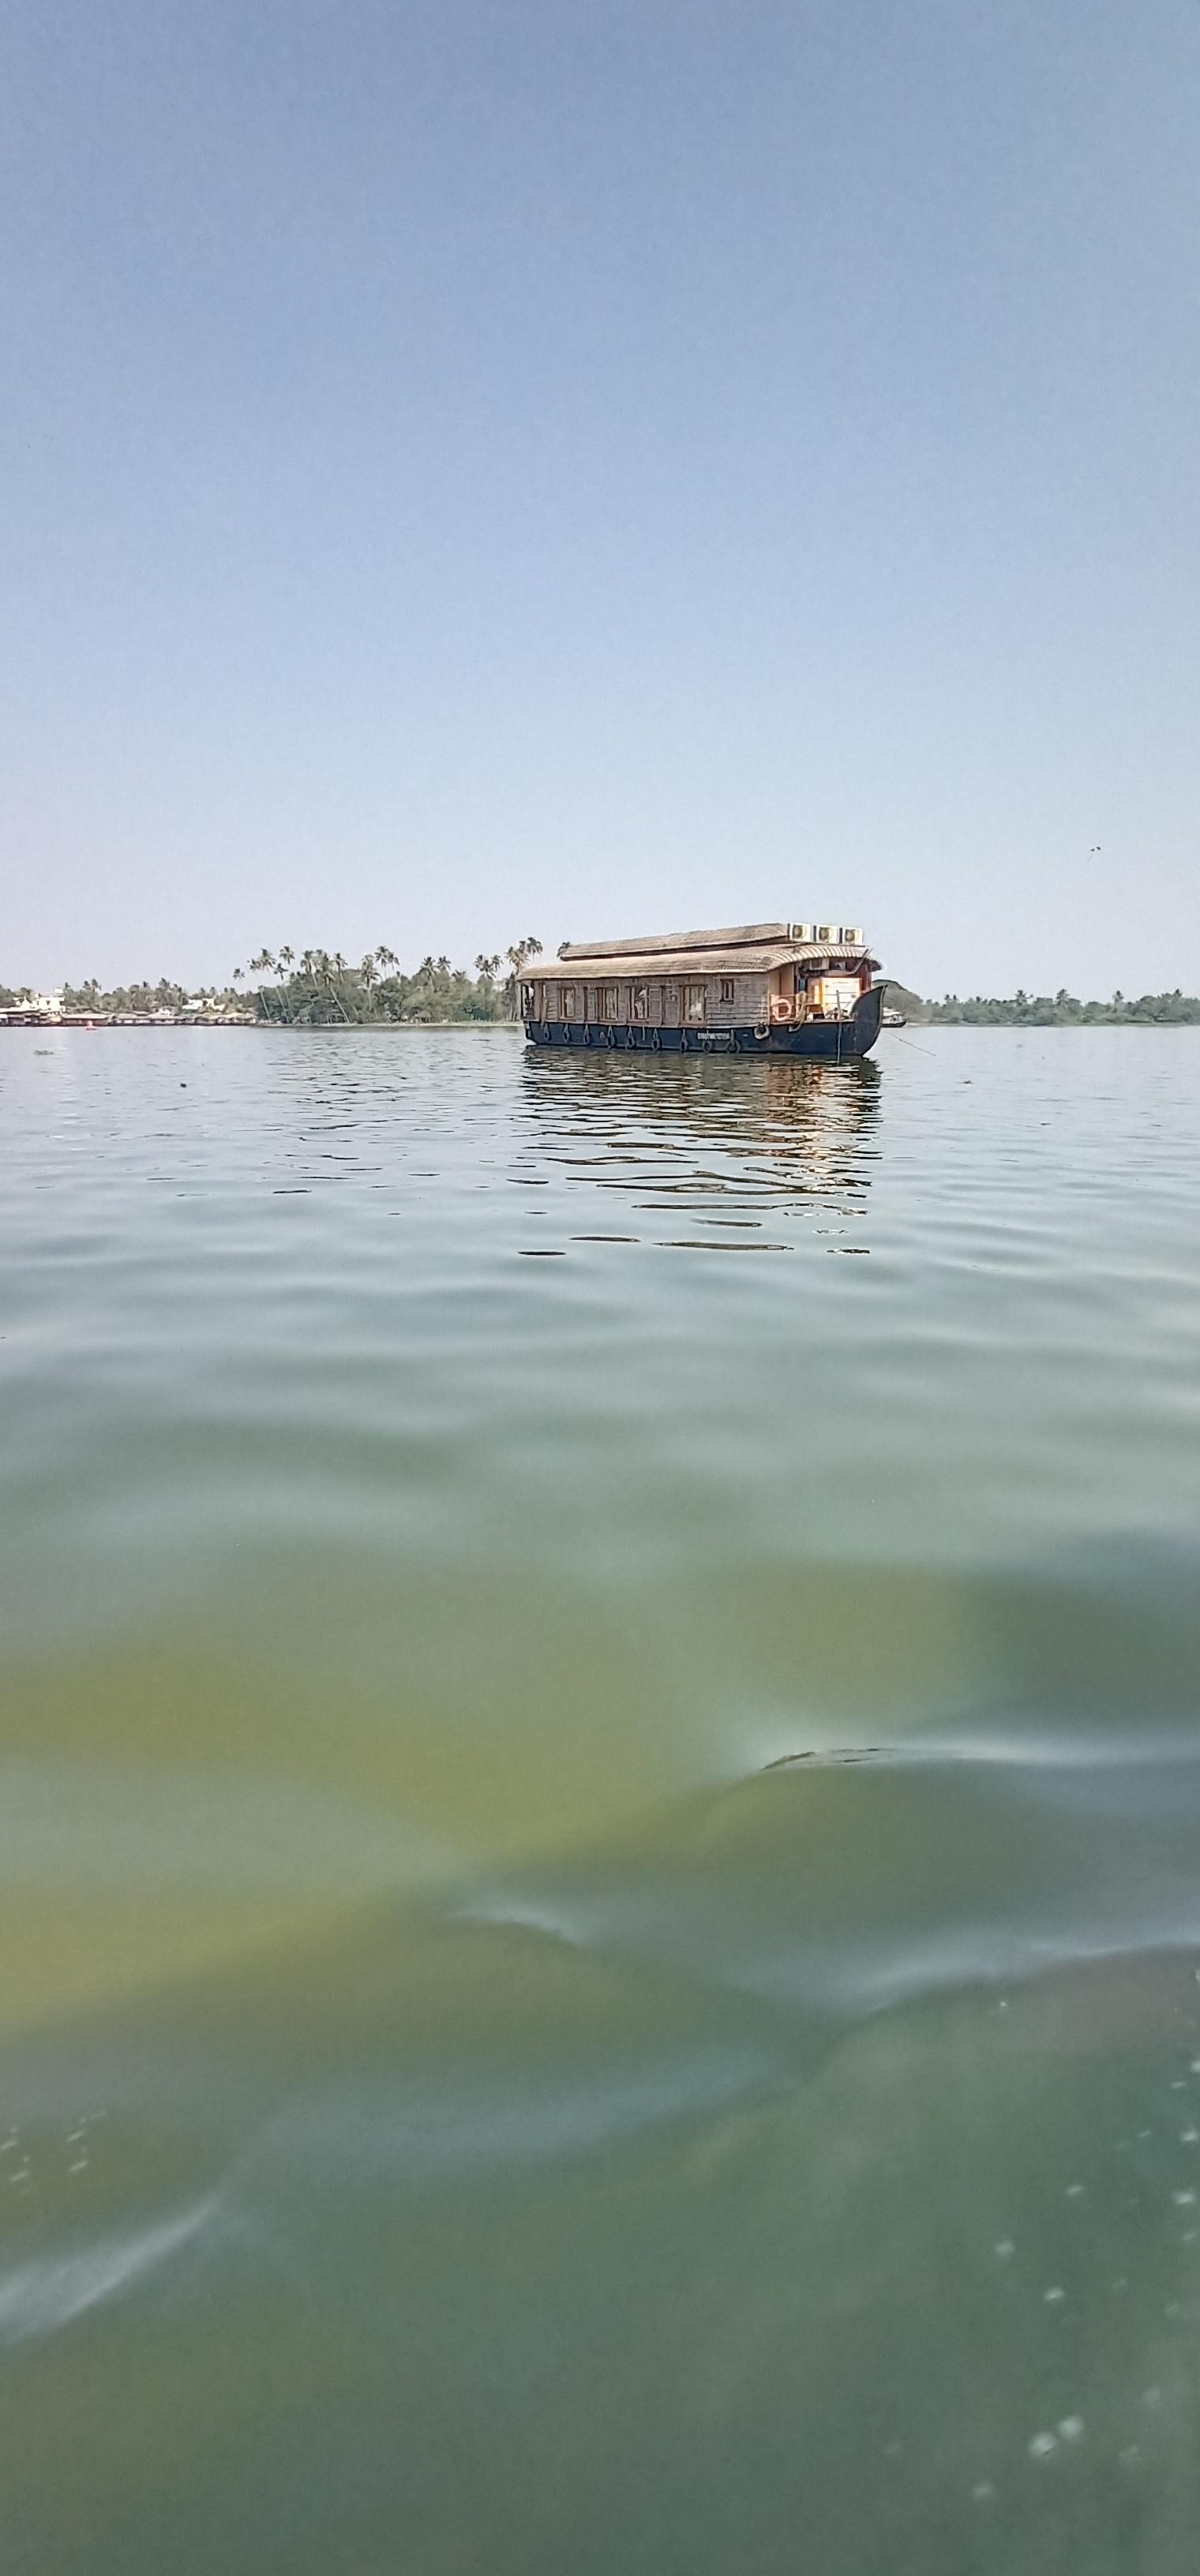 Alleppy_Backwaters_Kerala_3